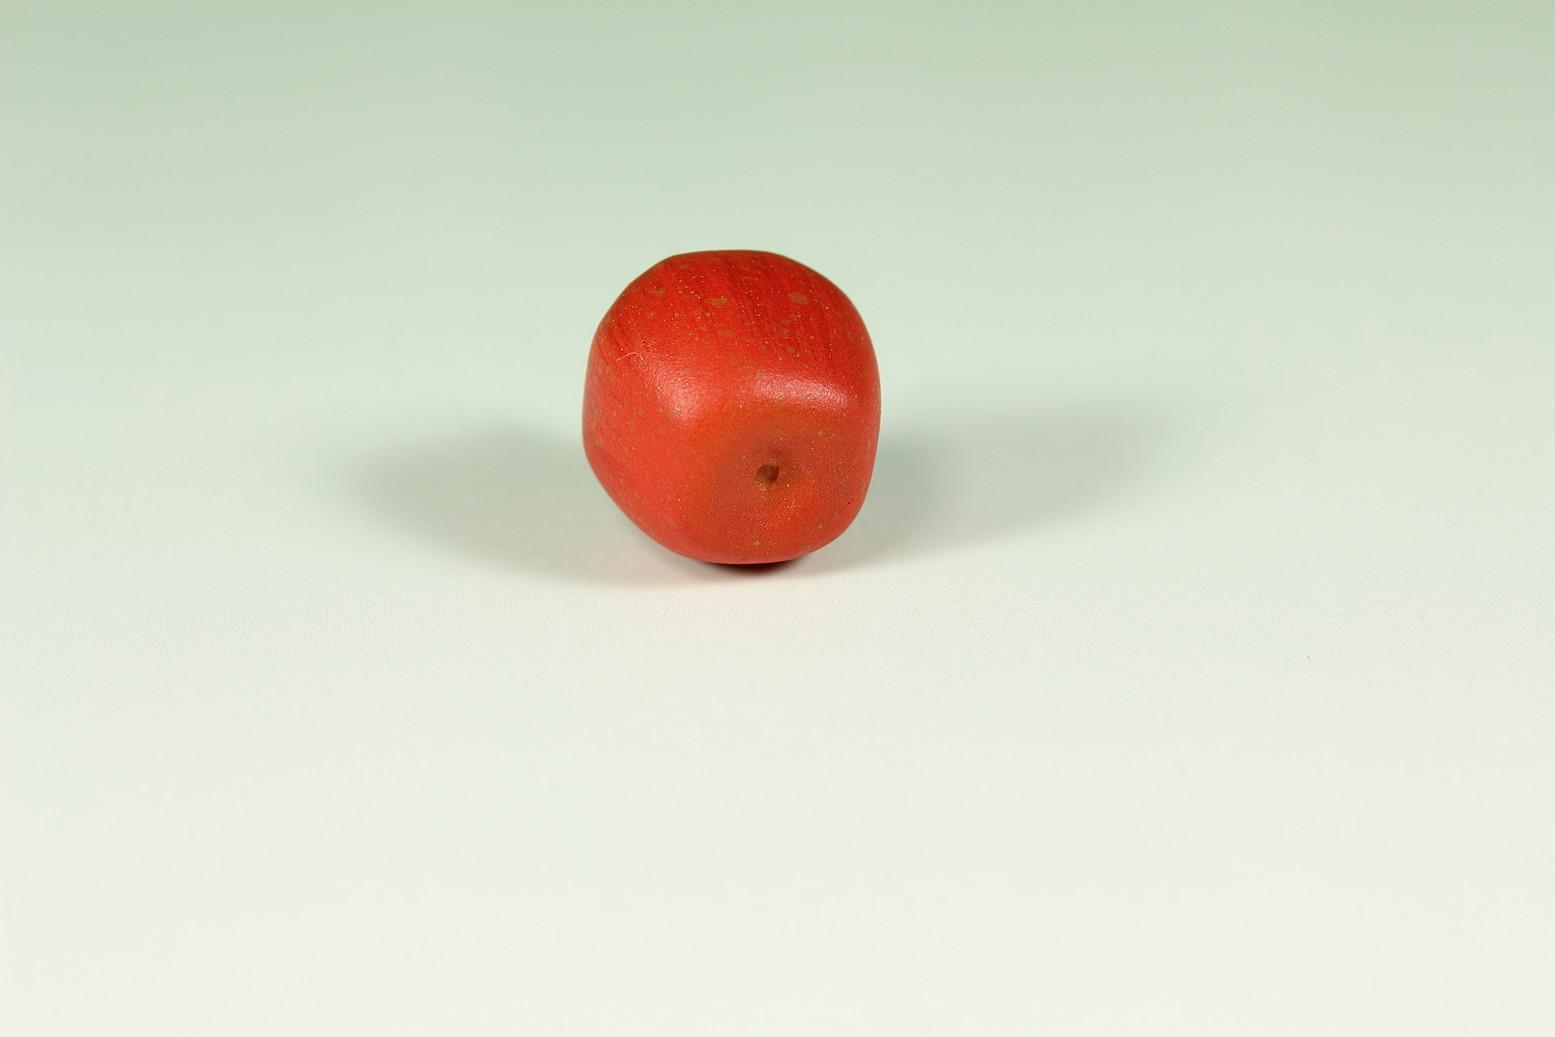 ダイキ工業 姉とボイン 花丸りんご